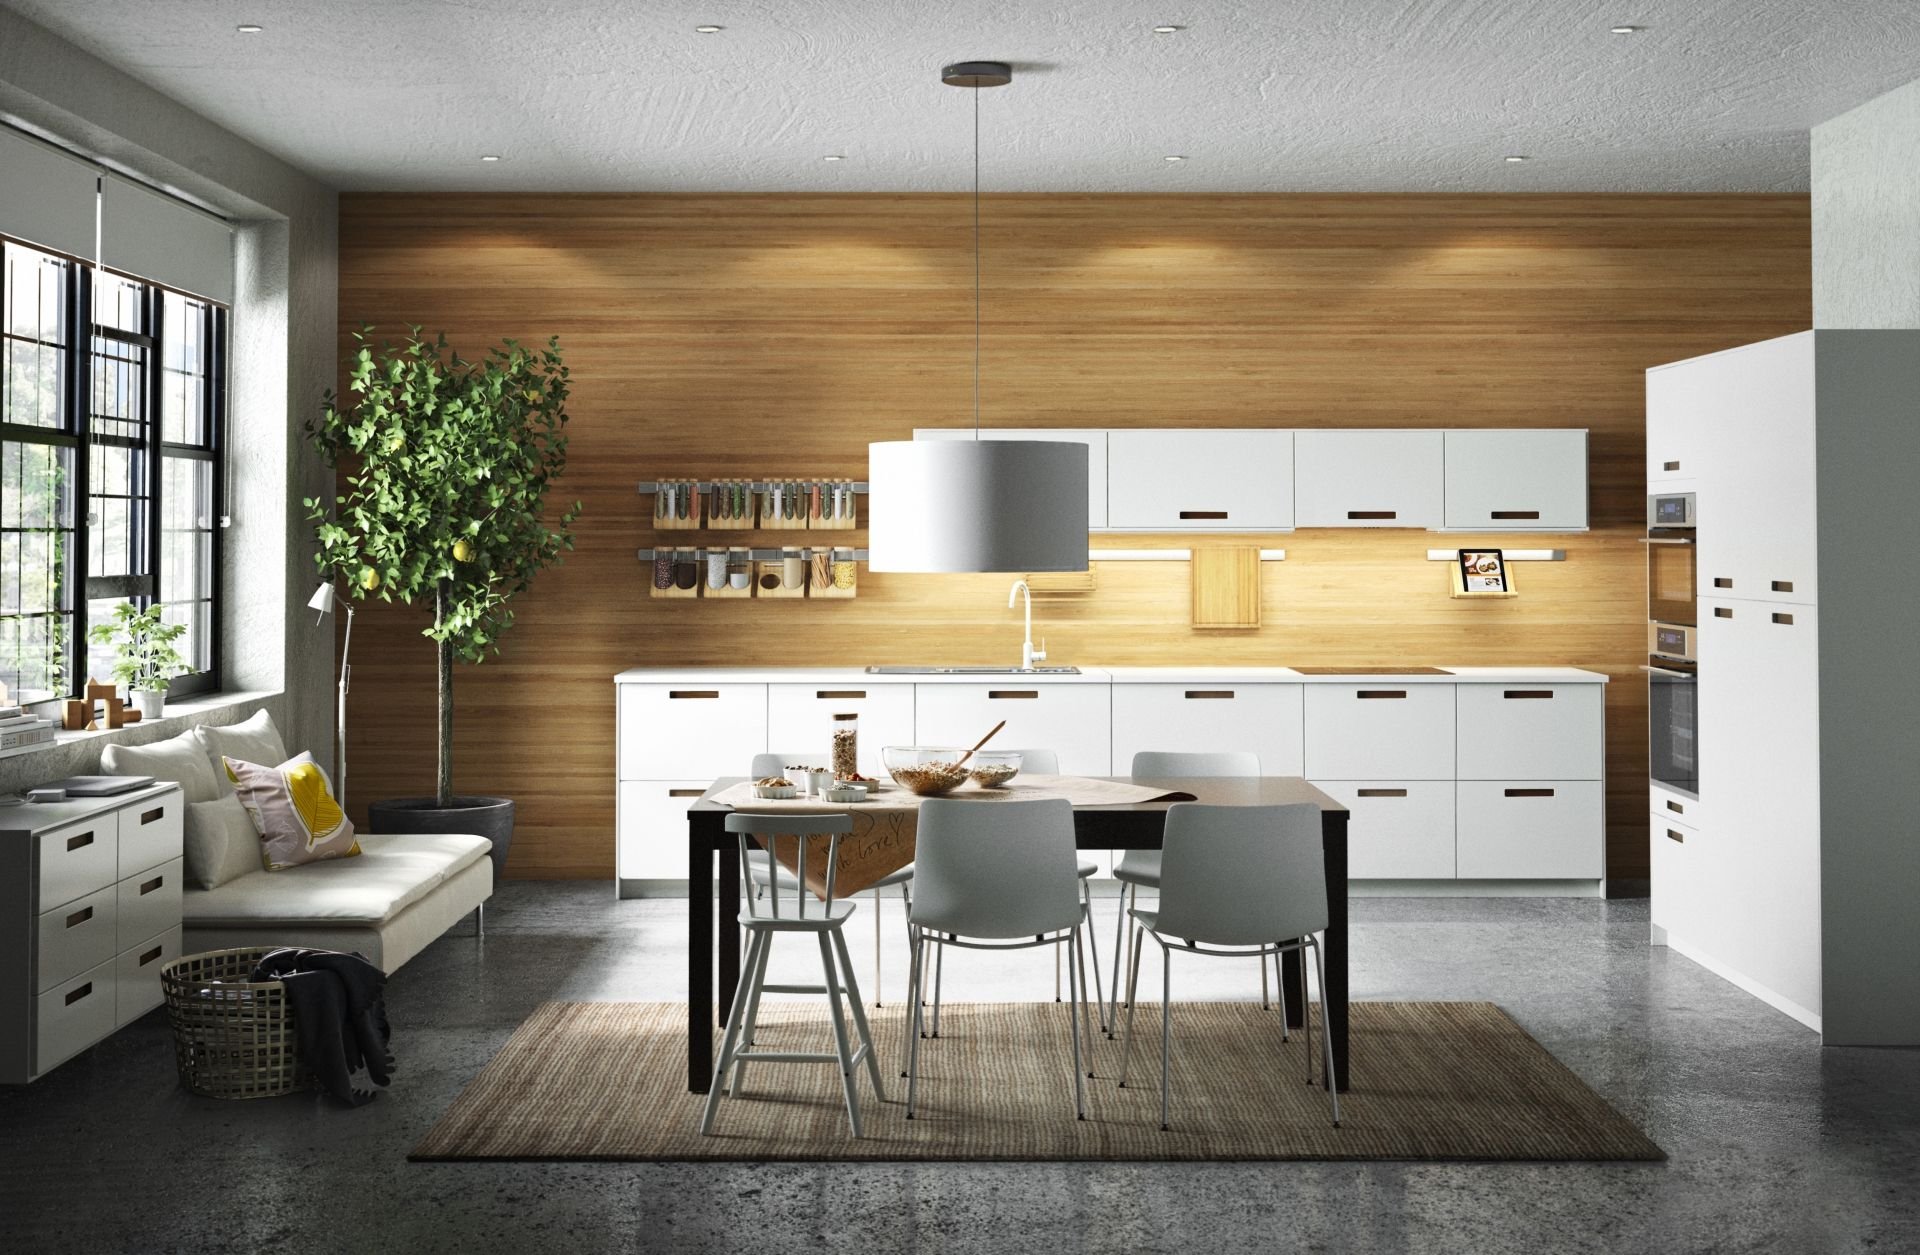 Keuken Ikea Open : Metod mÄrsta keuken ikea ikeanl ikeanederland veelzijdig fronten